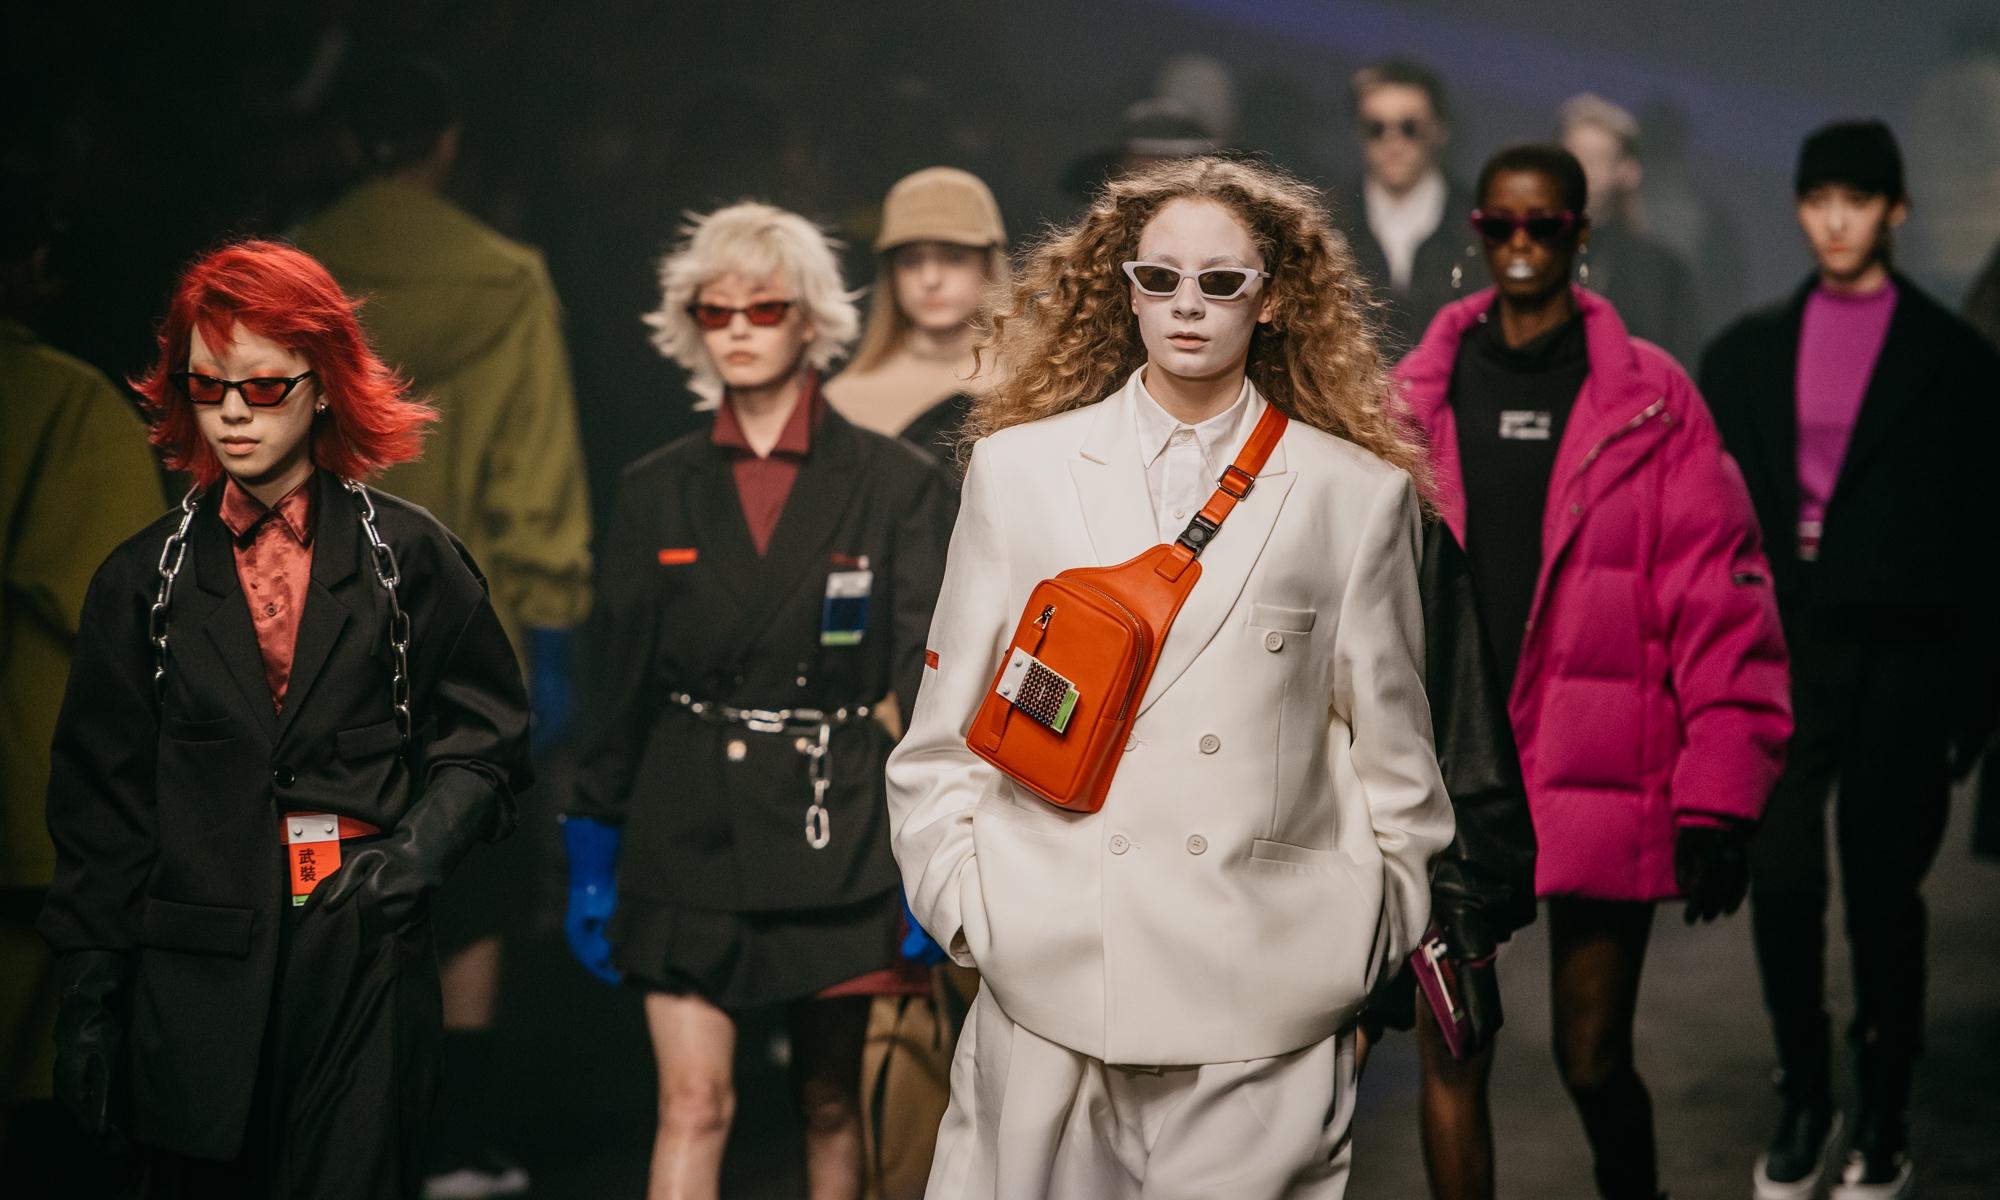 登上时装周舞台,对于国潮来说意味着什么?